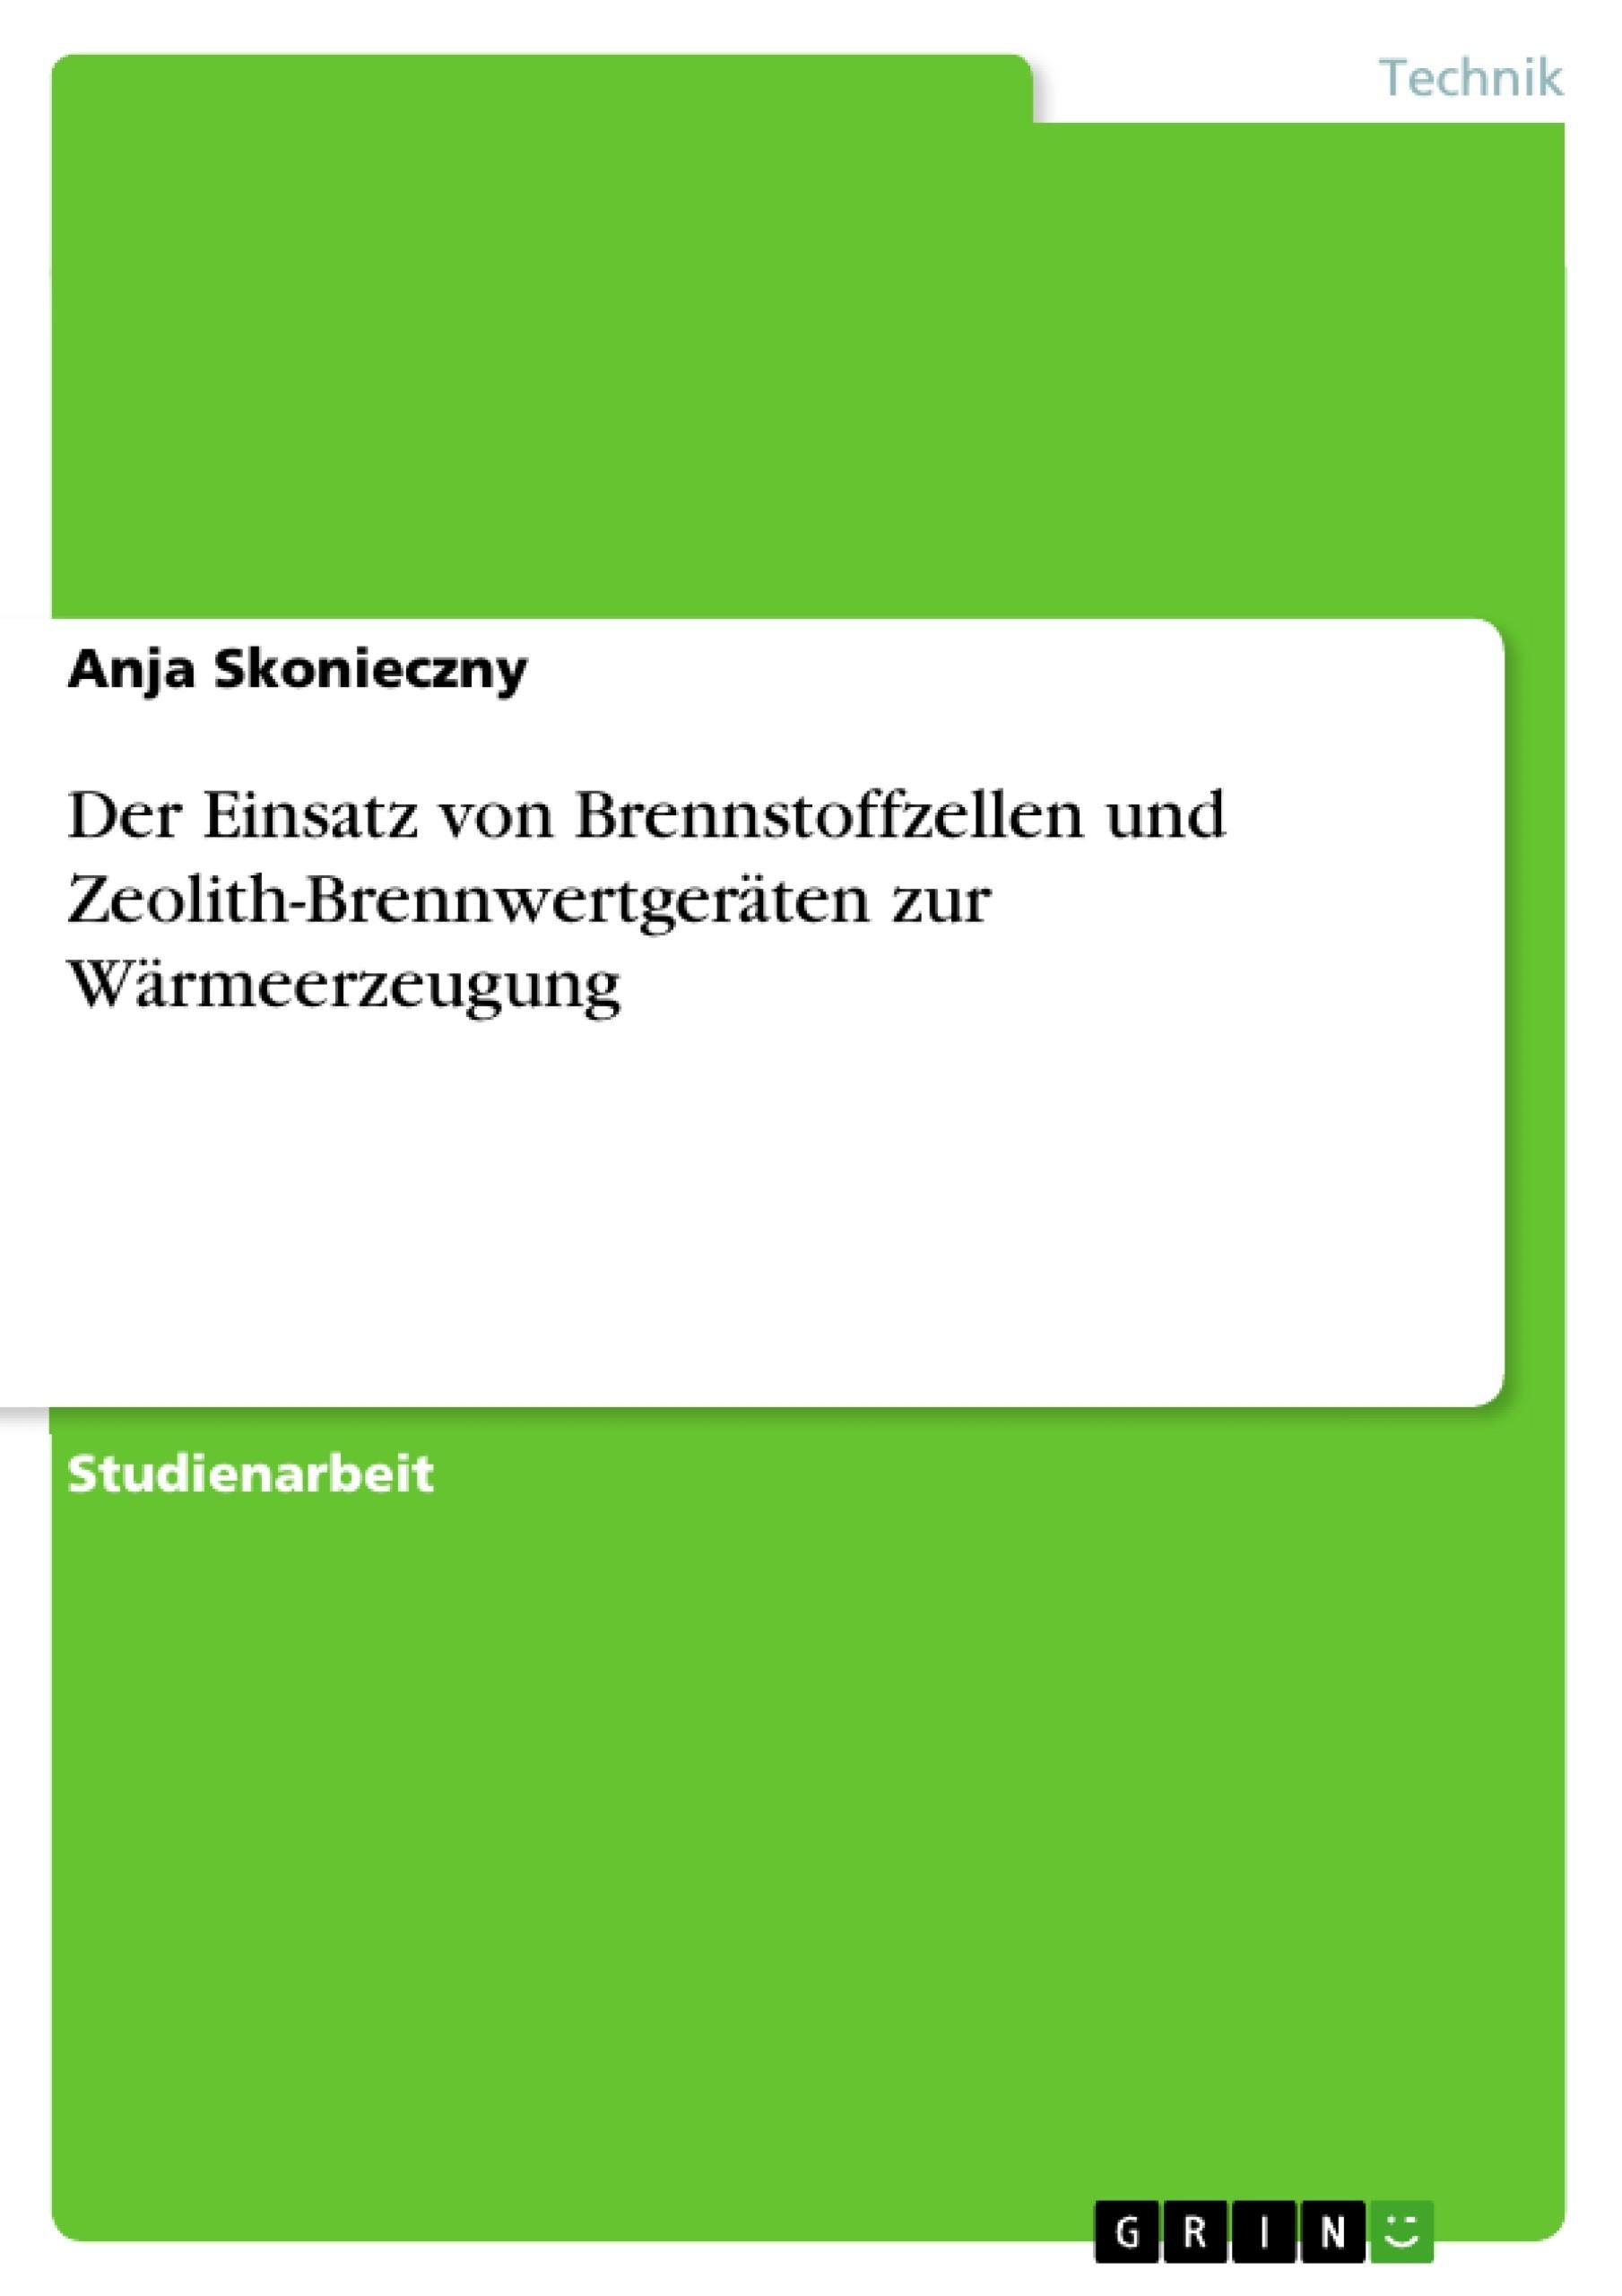 Titel: Der Einsatz von Brennstoffzellen und Zeolith-Brennwertgeräten zur Wärmeerzeugung